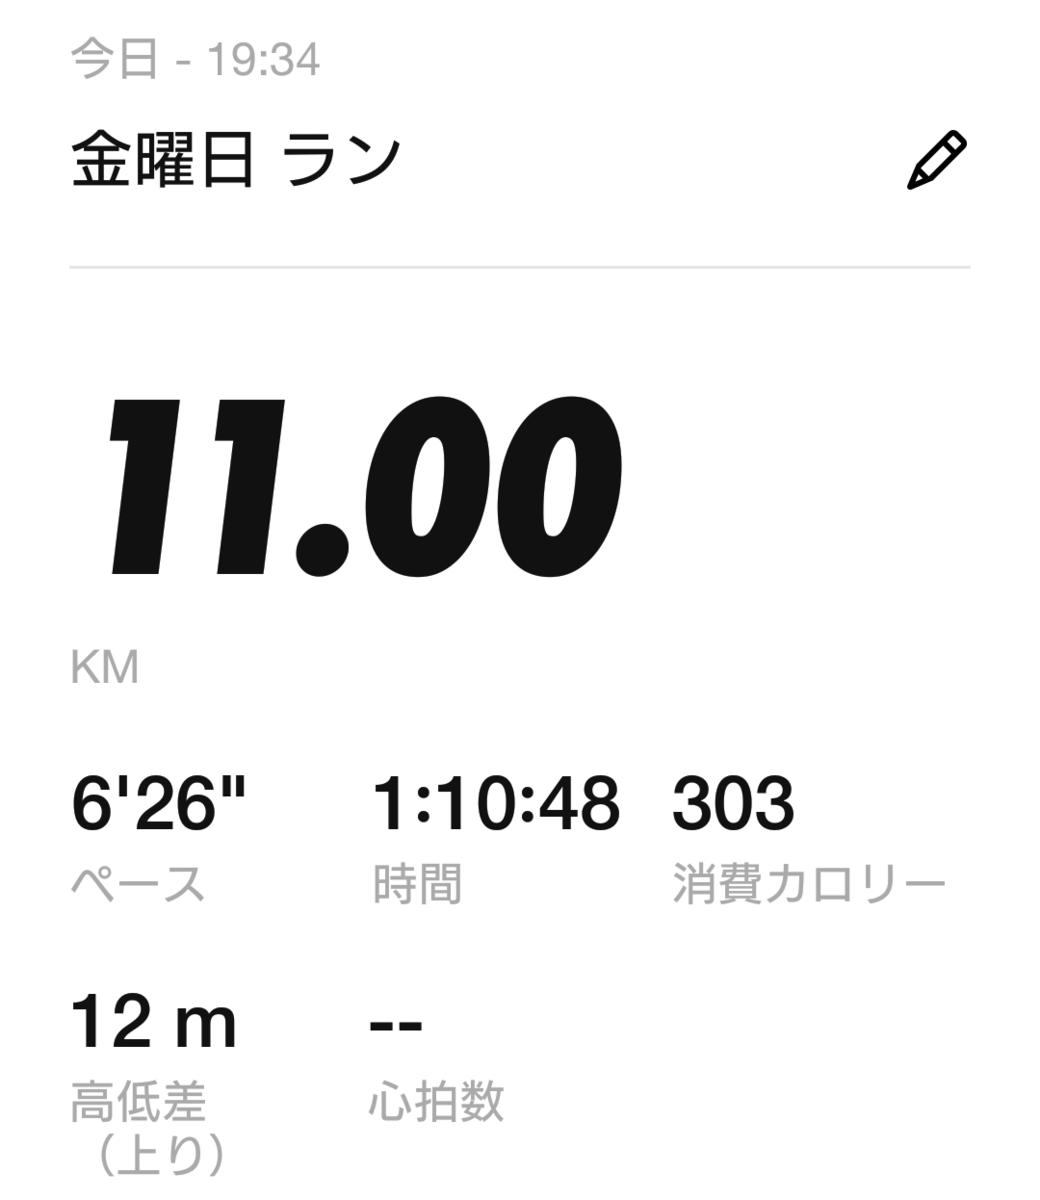 f:id:ureshi-kanashi:20200403223532p:plain